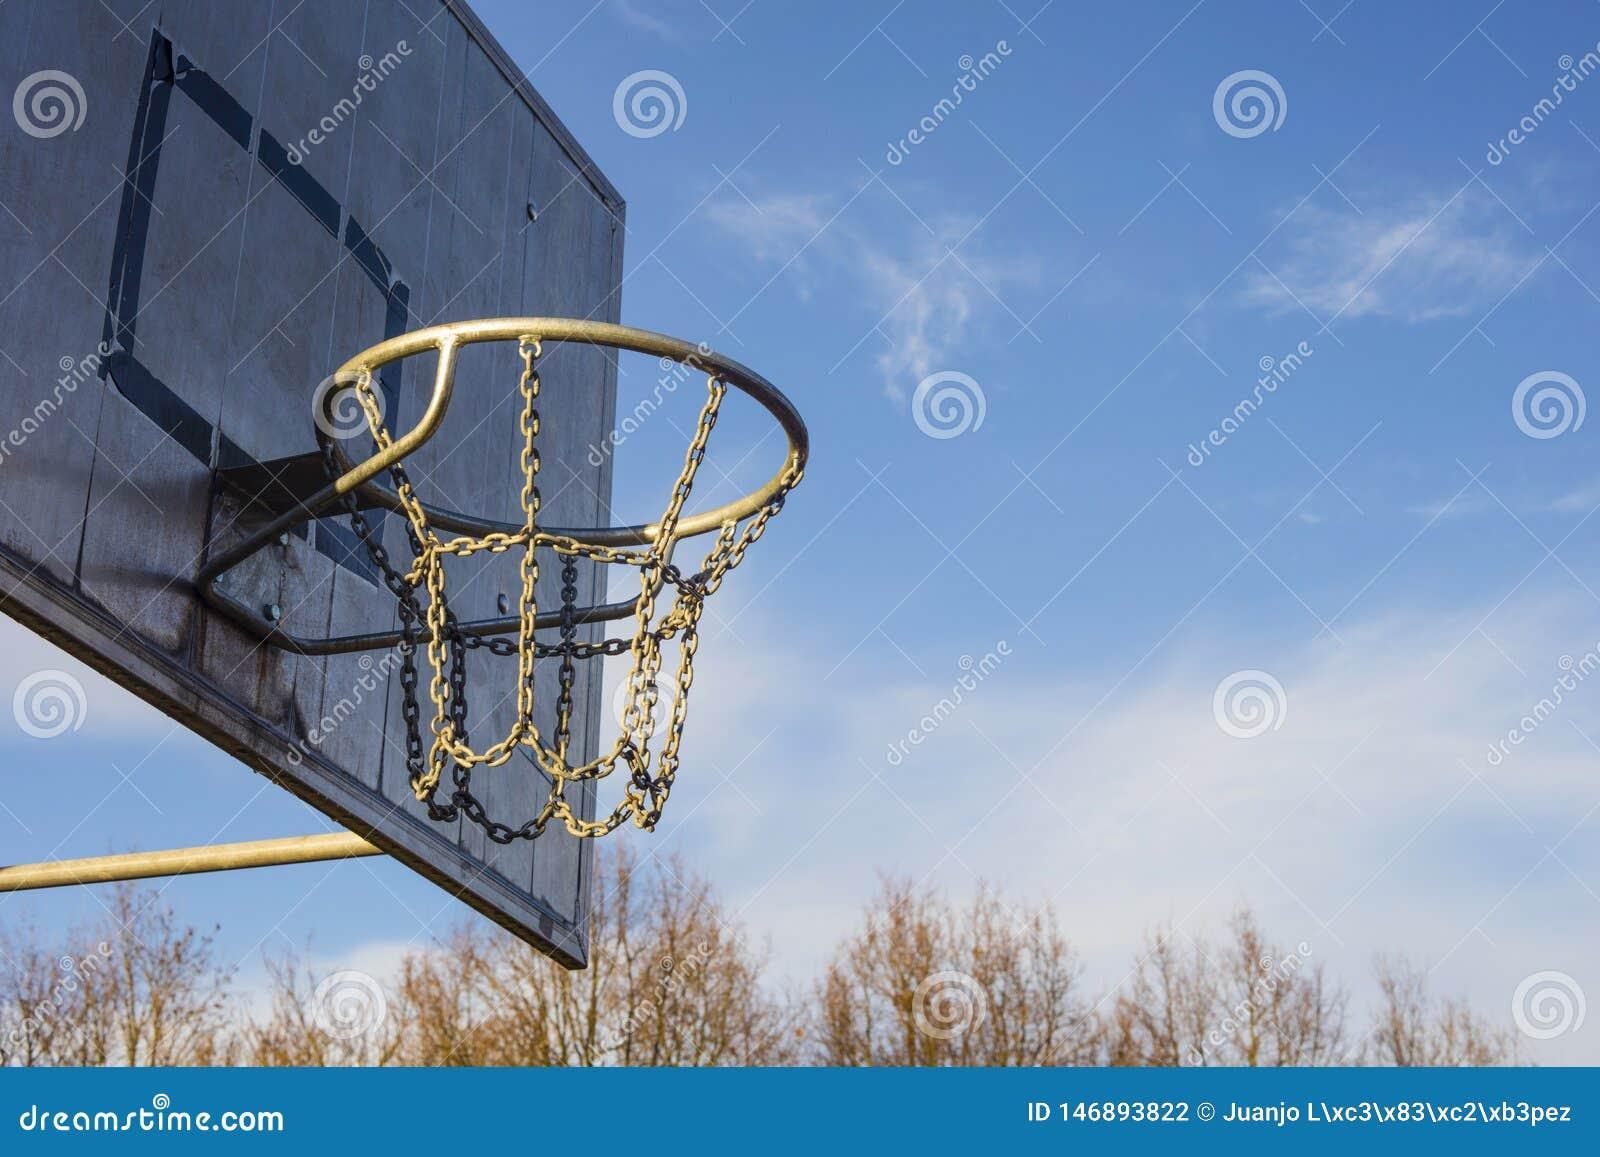 Λεπτομέρεια του χρυσού καλαθιού καλαθοσφαίρισης υπαίθρια στο μπλε ουρανό ηλιοβασιλέματος